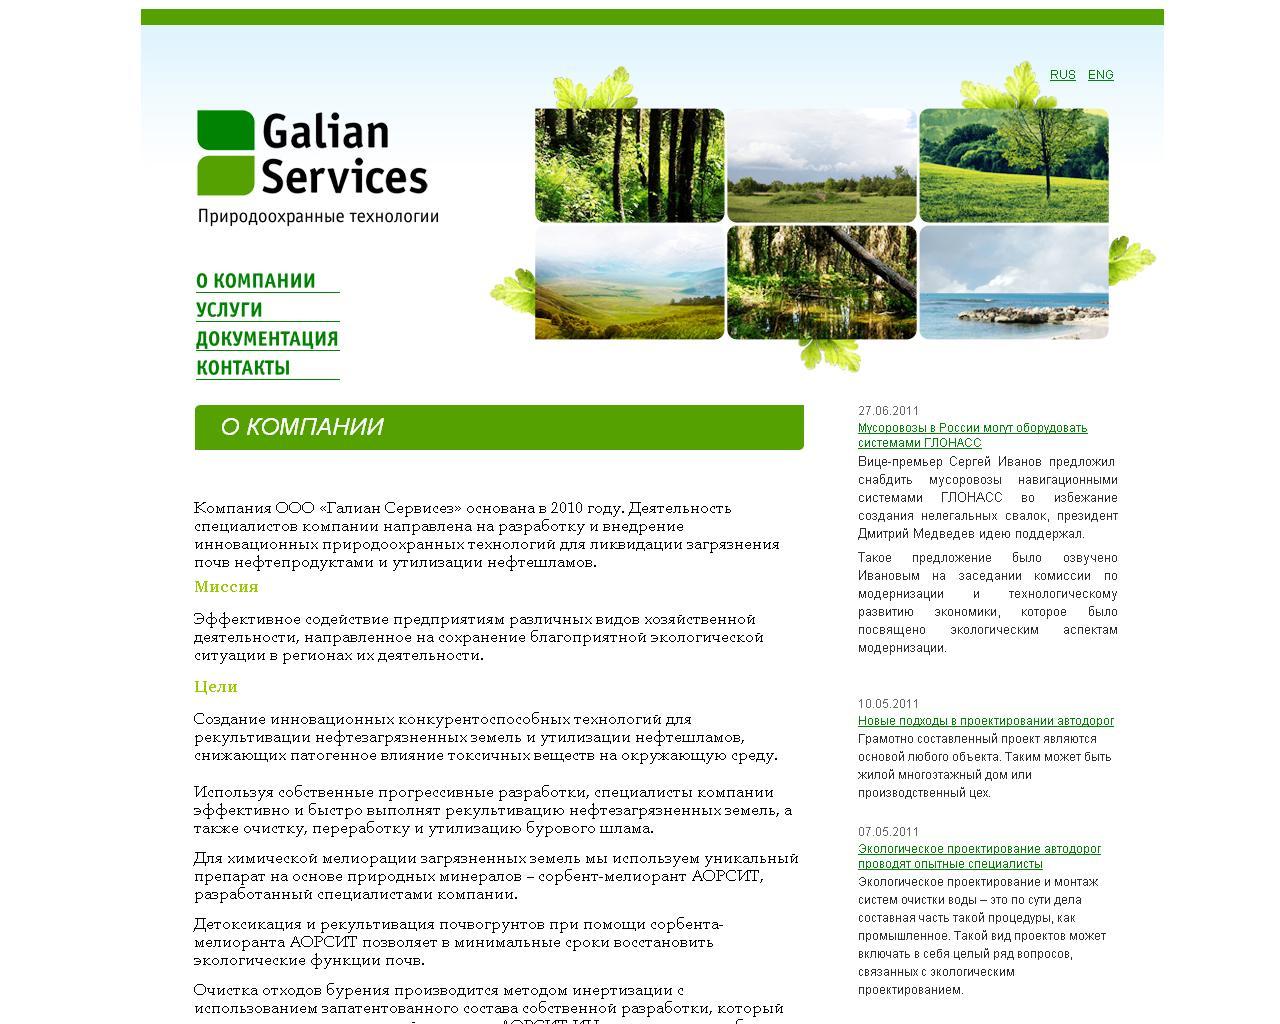 Природоохранные технологии. Разработка миссии и цели компании.